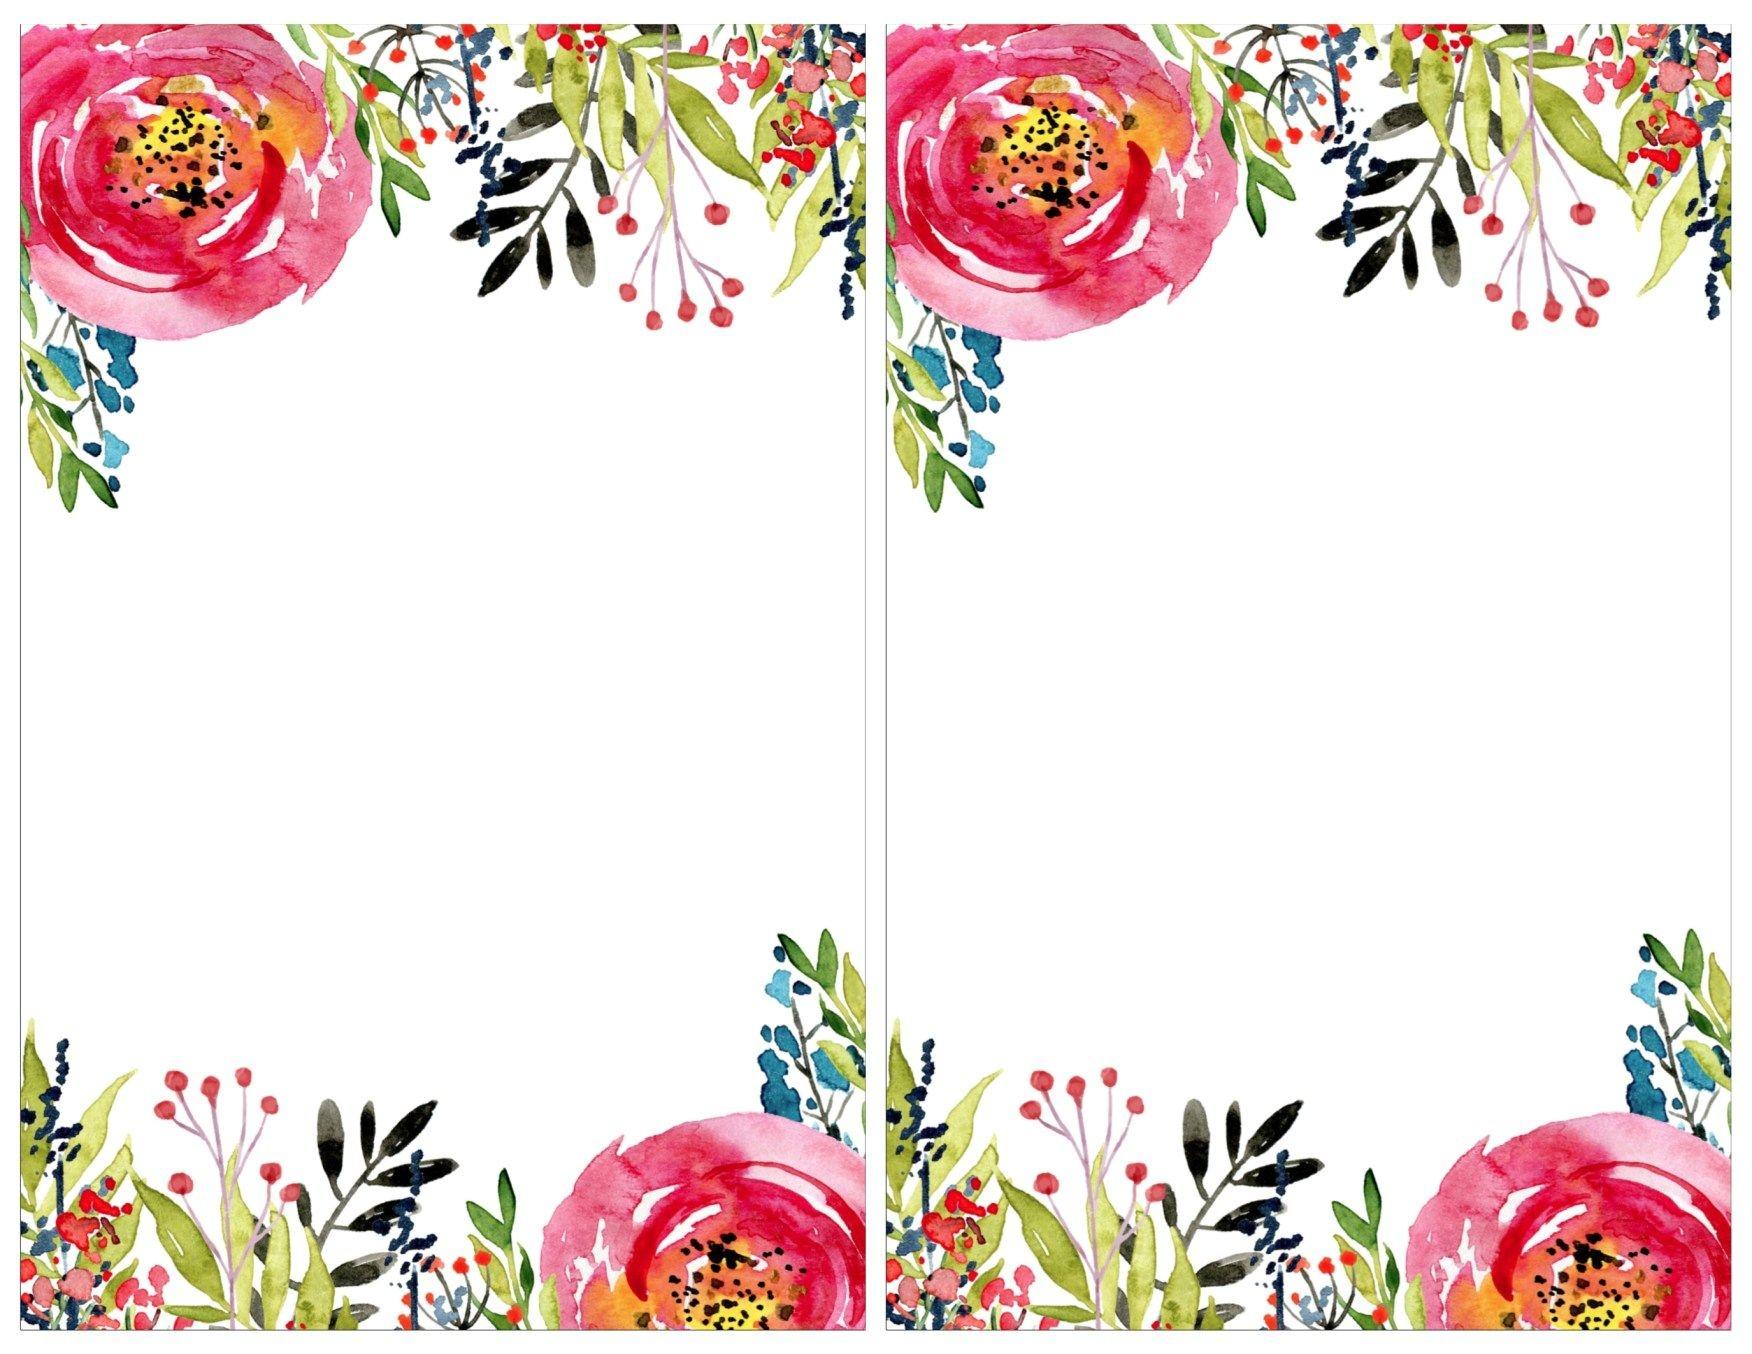 Floral Invitation Template {Free Printable} | #eakertobeamoses - Free Printable Flowers